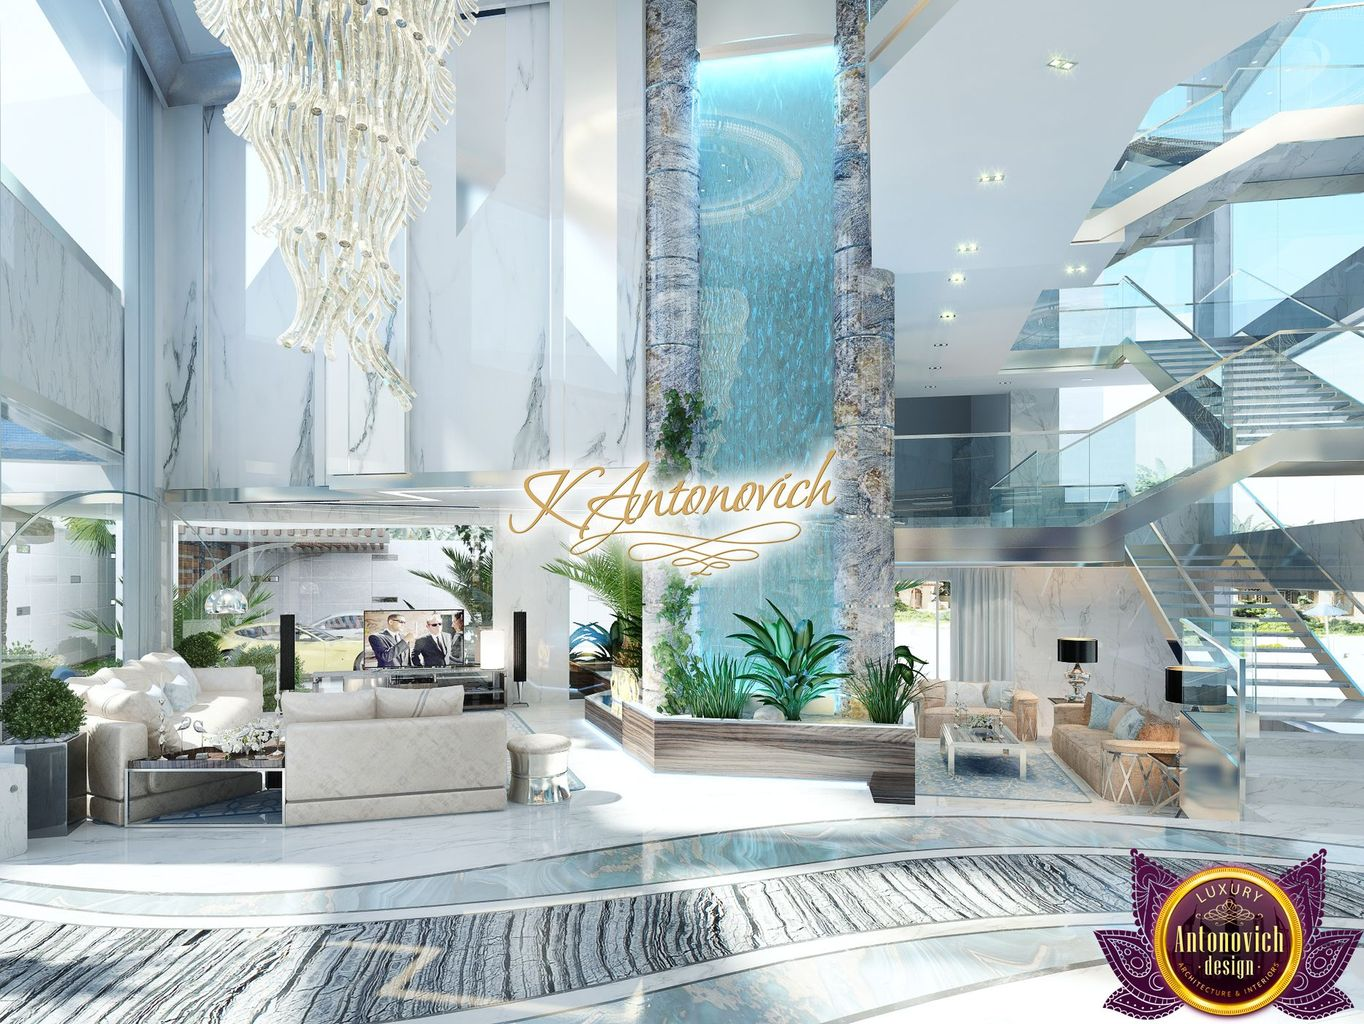 Interior design companies turkey psoriasisguru